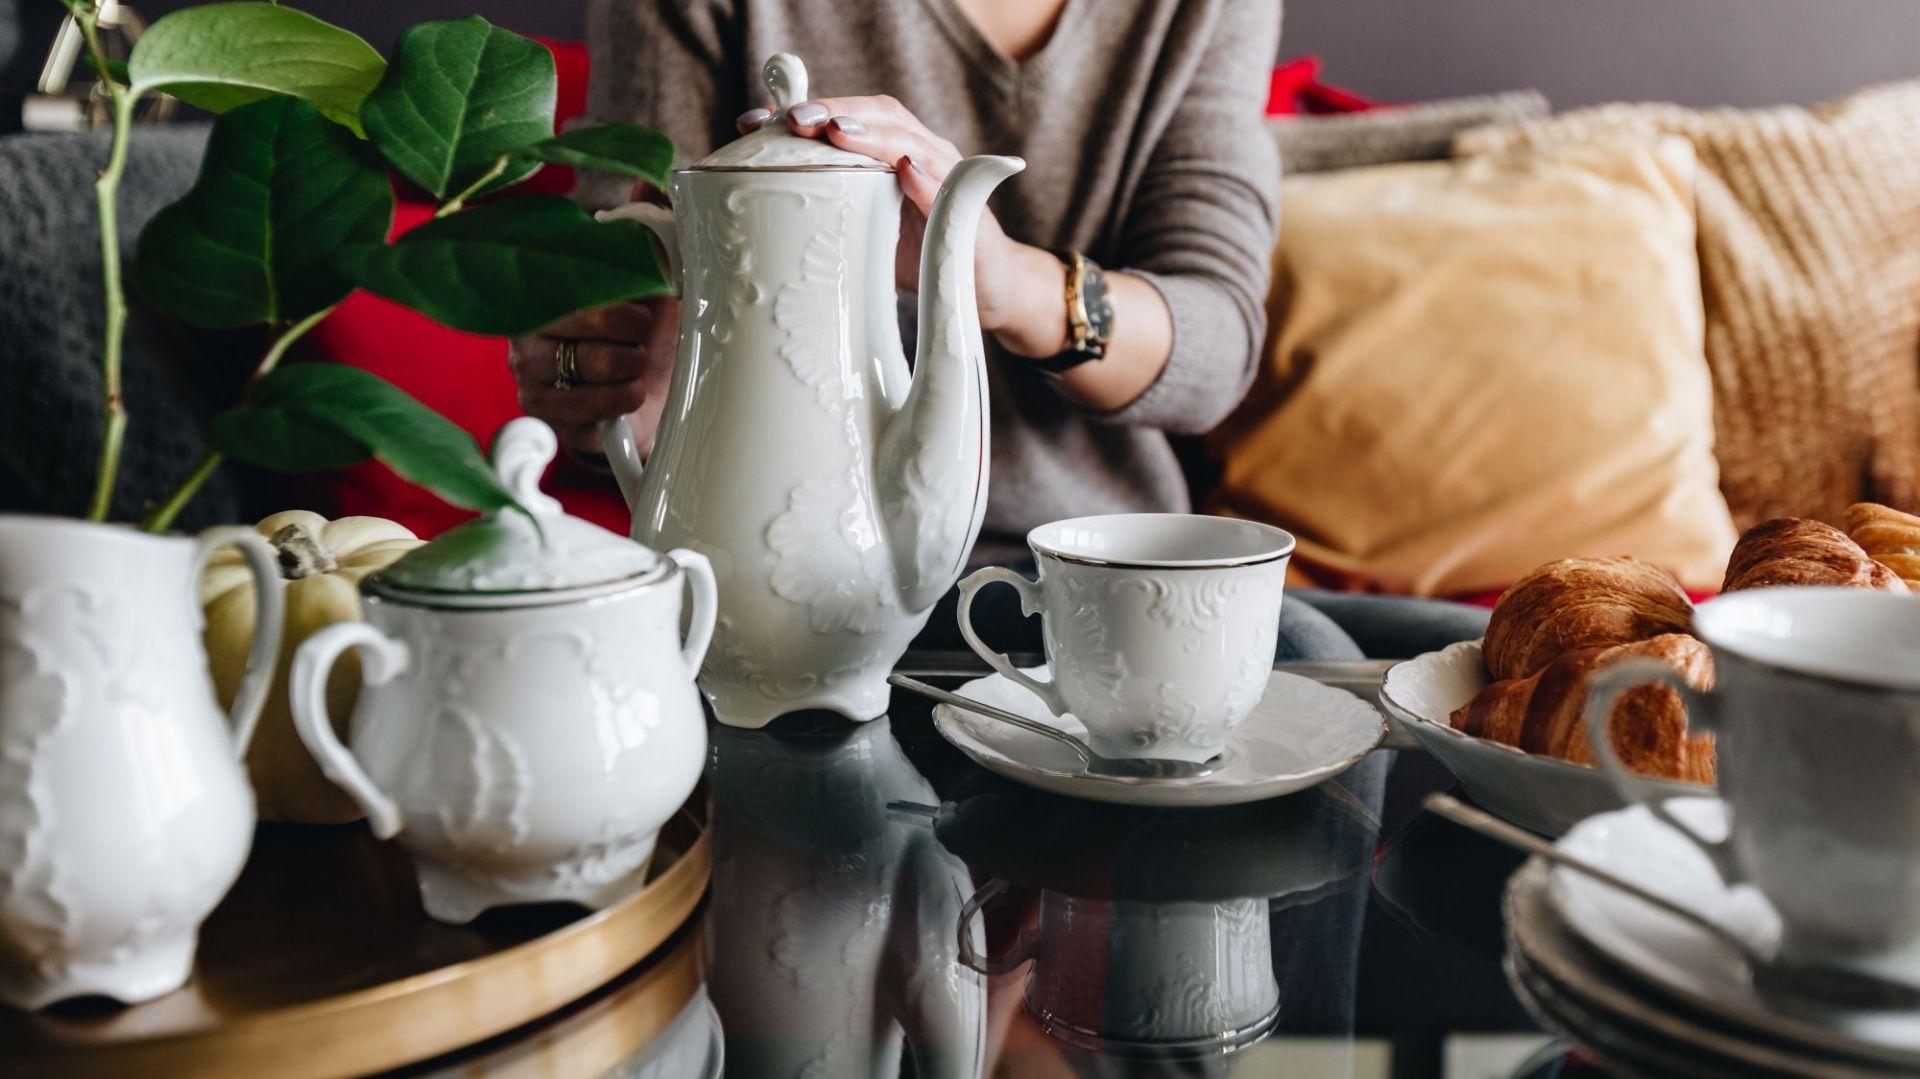 Modna kuchnia. Porcelana idealna na rodzinne poranki Fot. Ula Michalak/Ćmielów